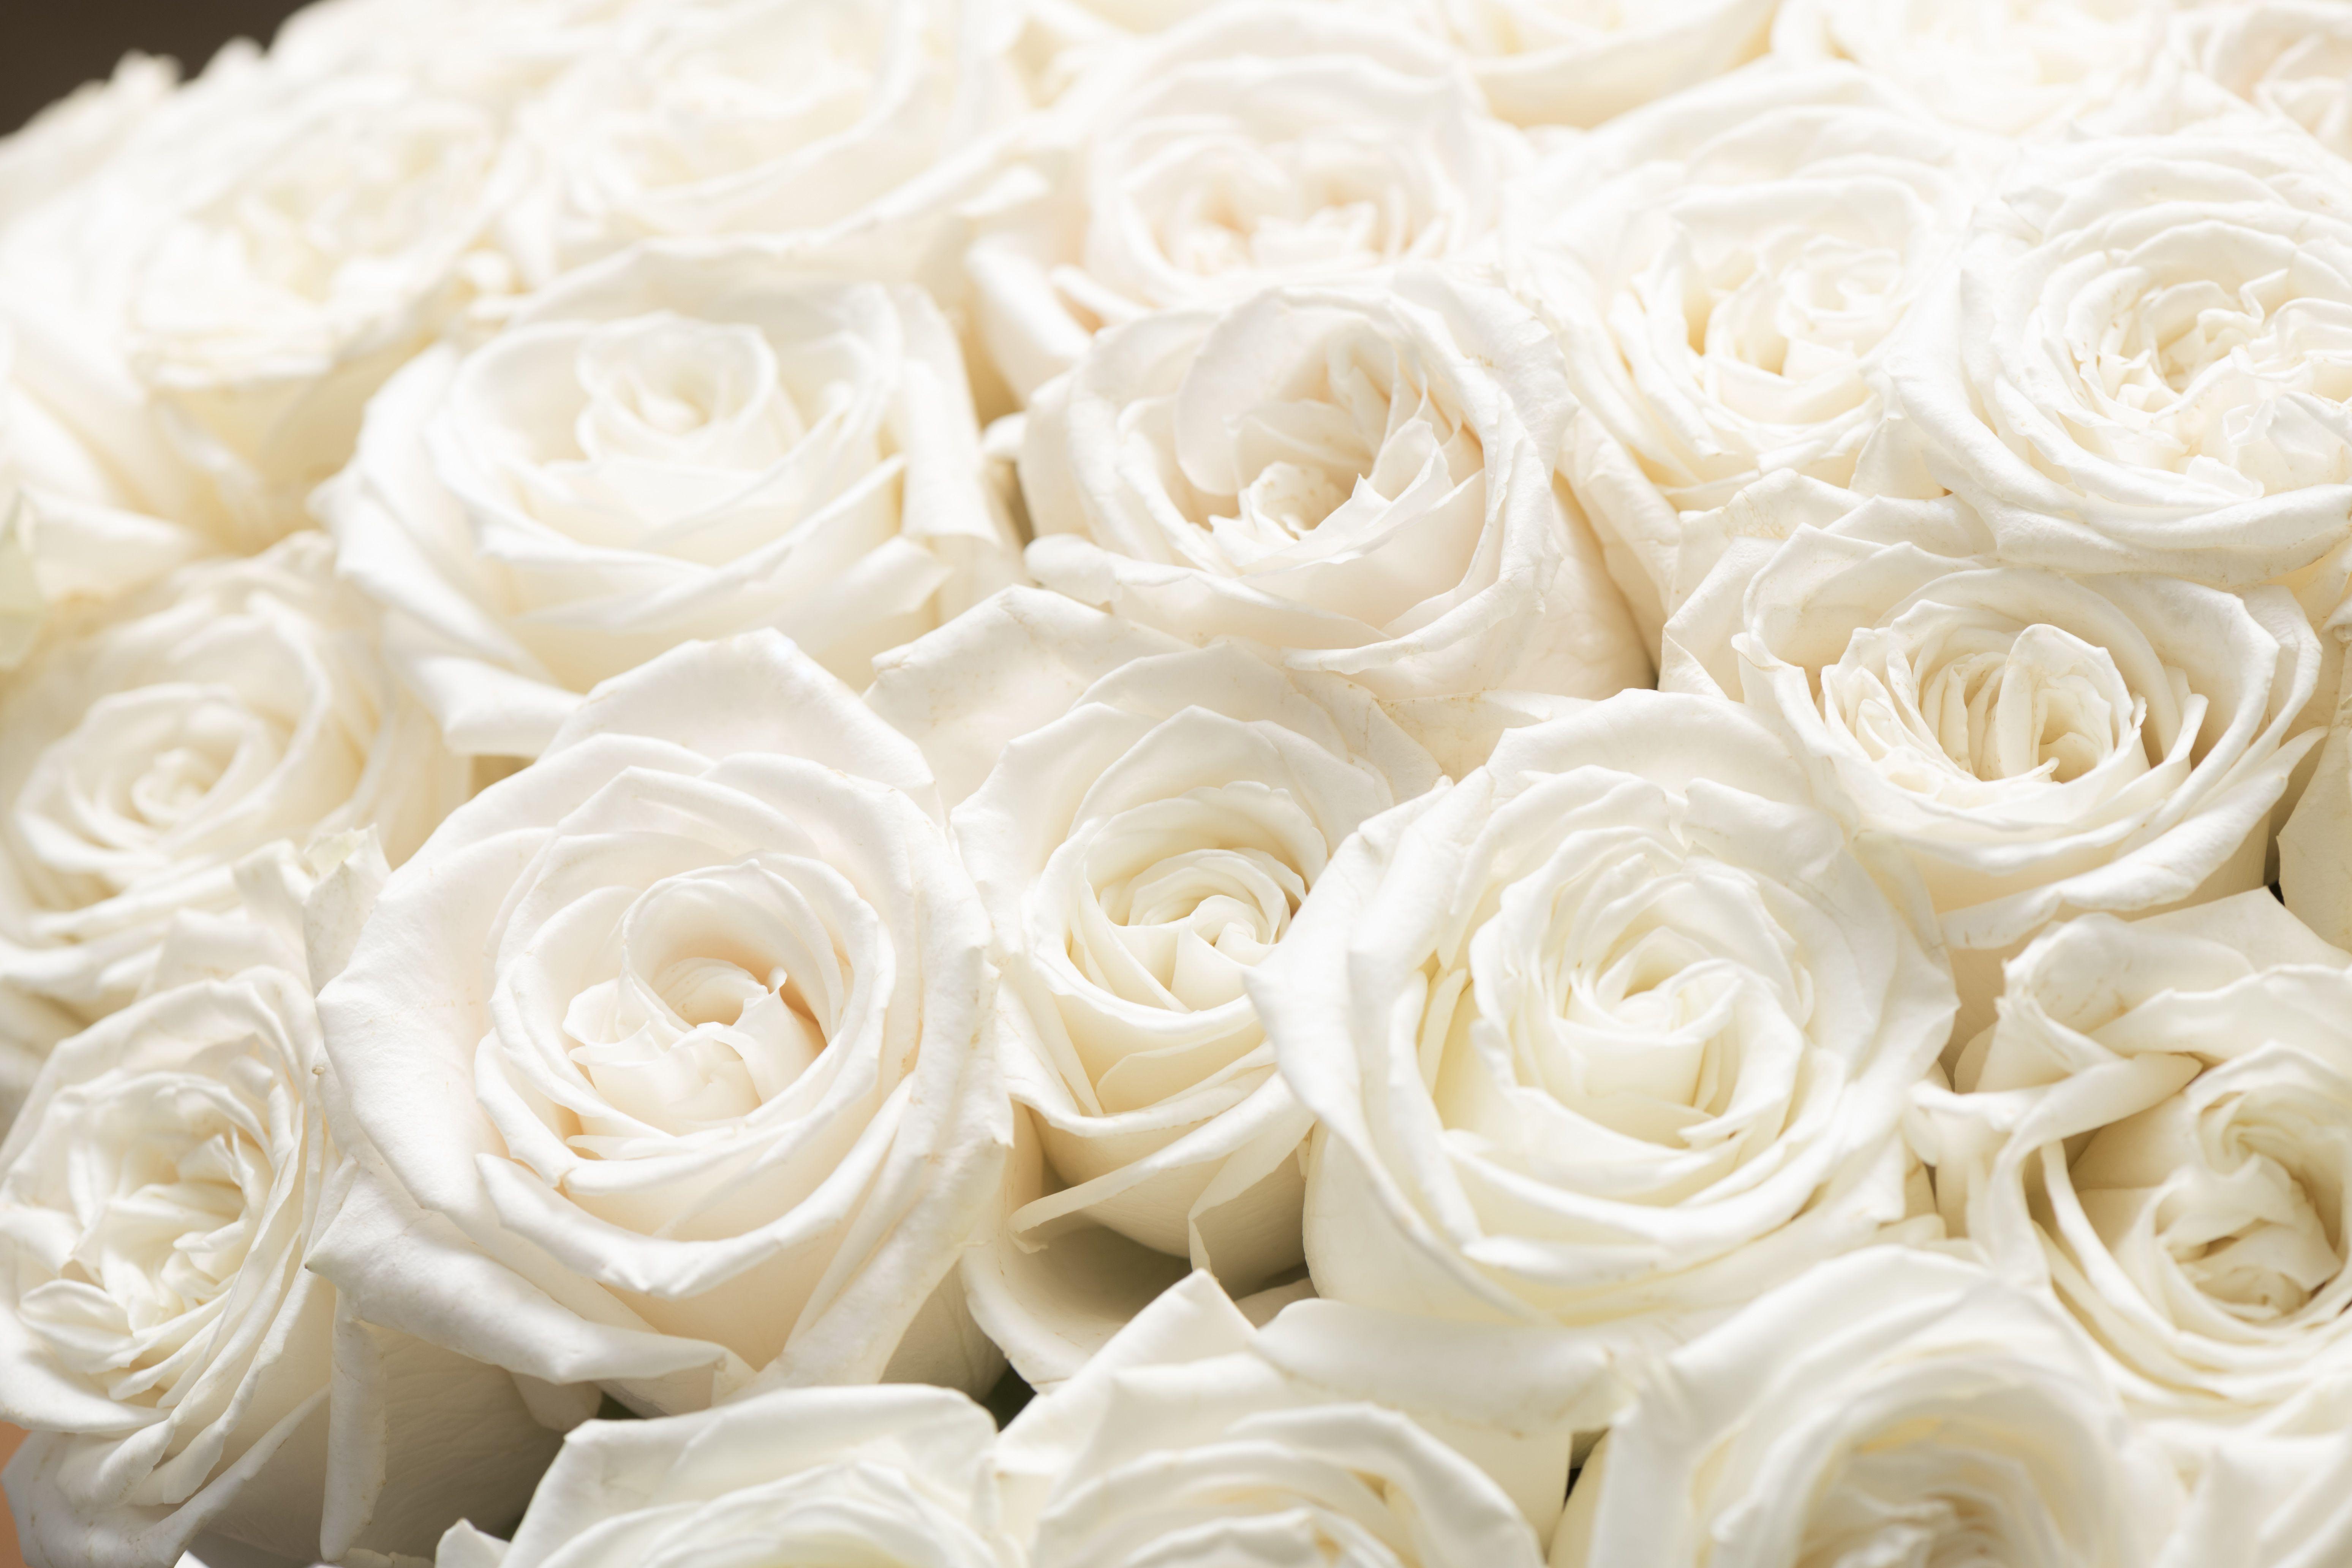 Epingle Sur Les Collections De Bouquets Rosa Unica